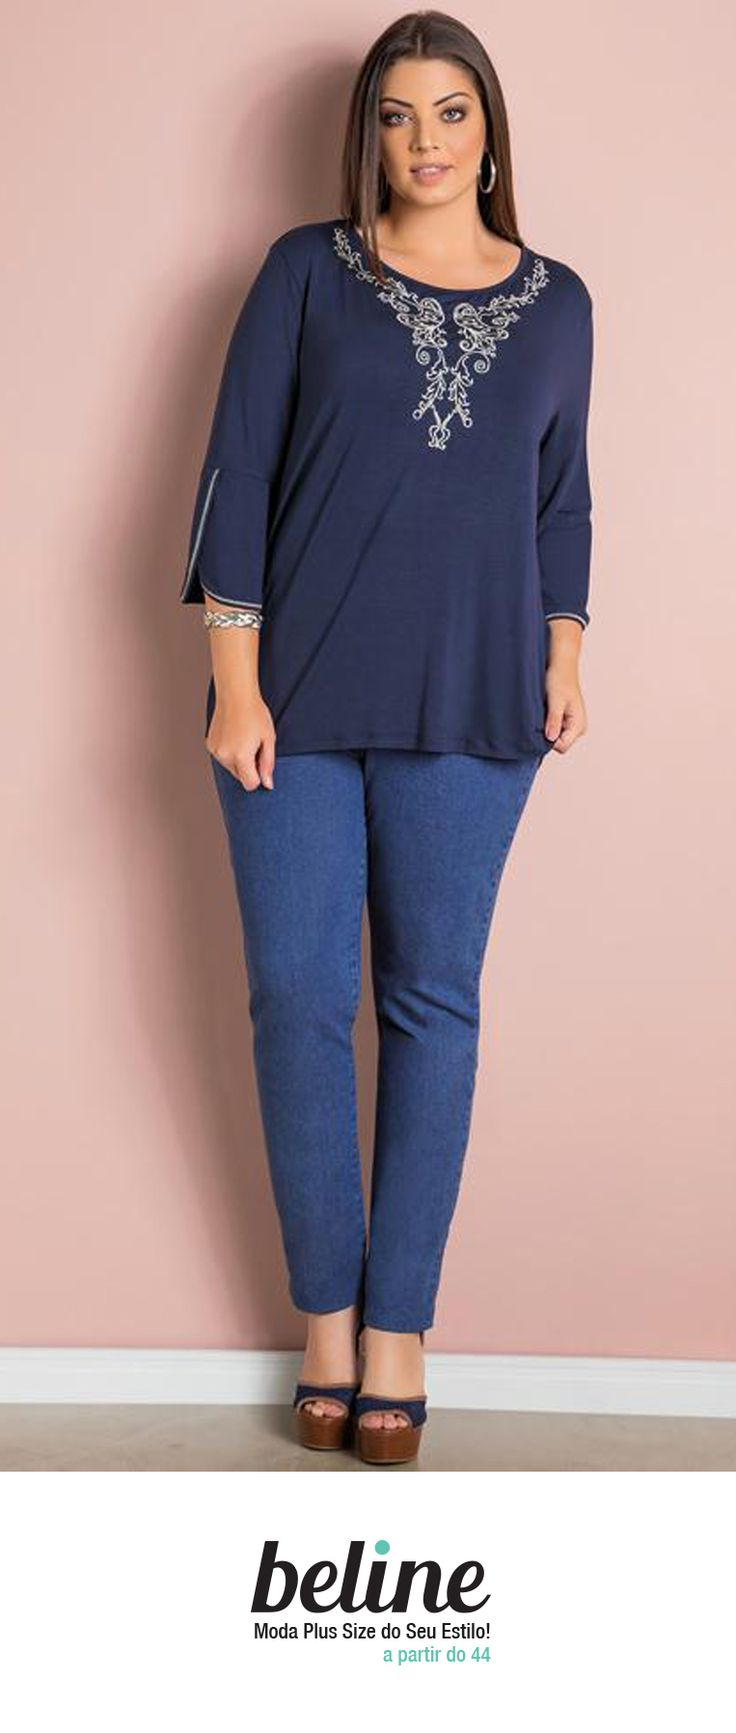 A blusa manga 7/8 é confortável, versátil e se adapta a diversas ocasiões. Muito parecida com a blusa de manga ¾, a blusa de manga 7/8 tem o comprimento maior nos braços. Ela é uma blusa de excelente caimento que formam diversos looks. Confira as mais belas blusas de manga 7/8 em: https://www.beline.com.br/roupas-femininas-plus-size/blusas-plus-size/blusas-moda-plus-size/blusa-manga-78-plus-size  #beline #plussize #blusaplussize #modaplussize #estiloplussize #eusouplus #meuestiloplussize